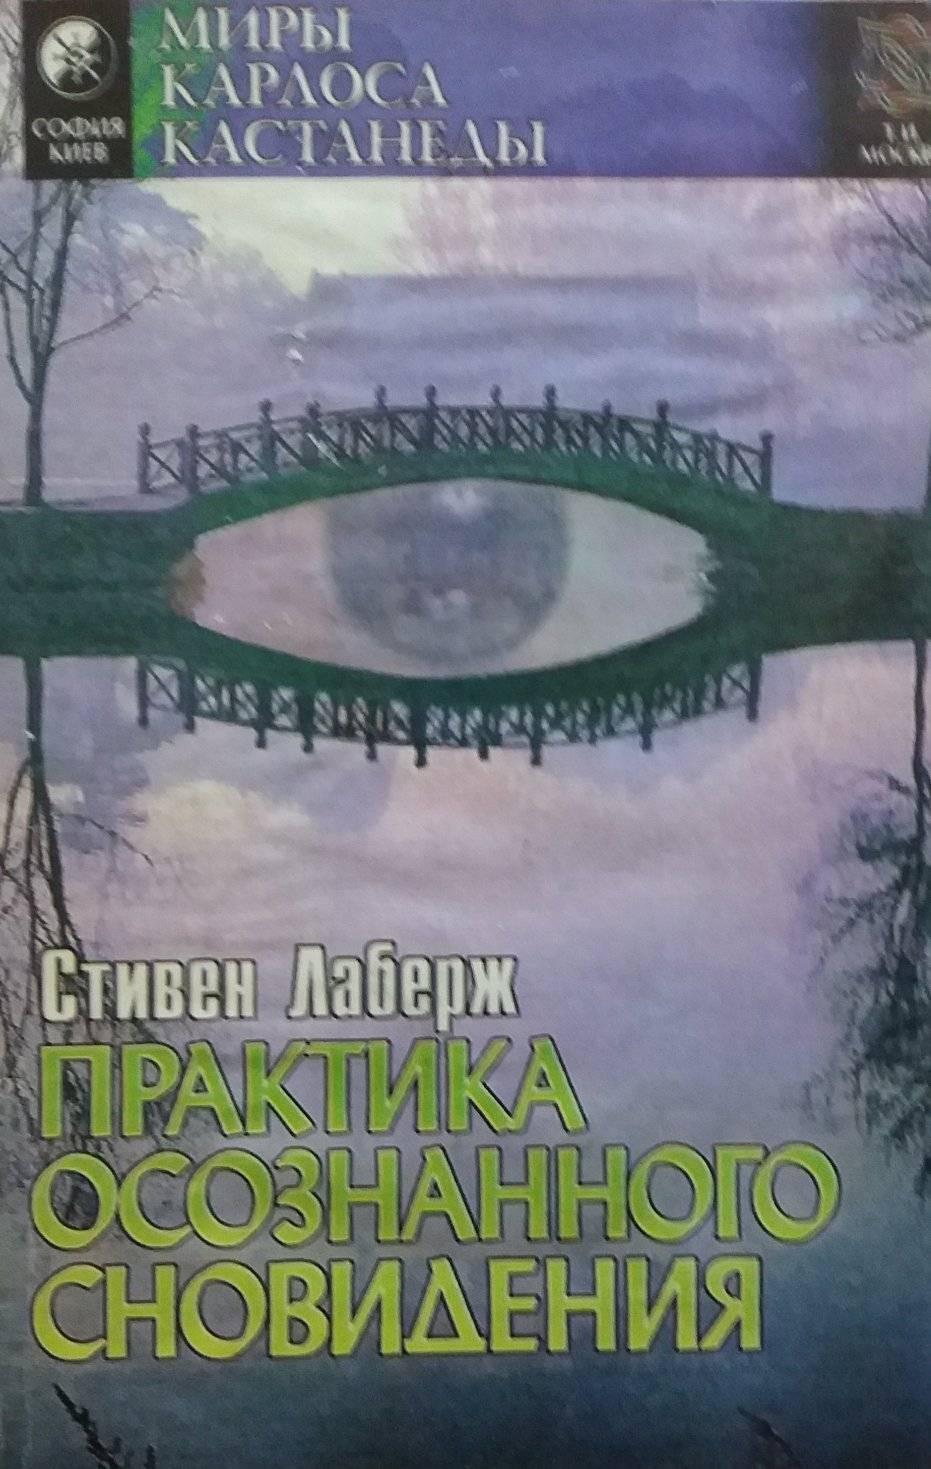 Осознанные сновидения — книги и другие источники — вот так . ру